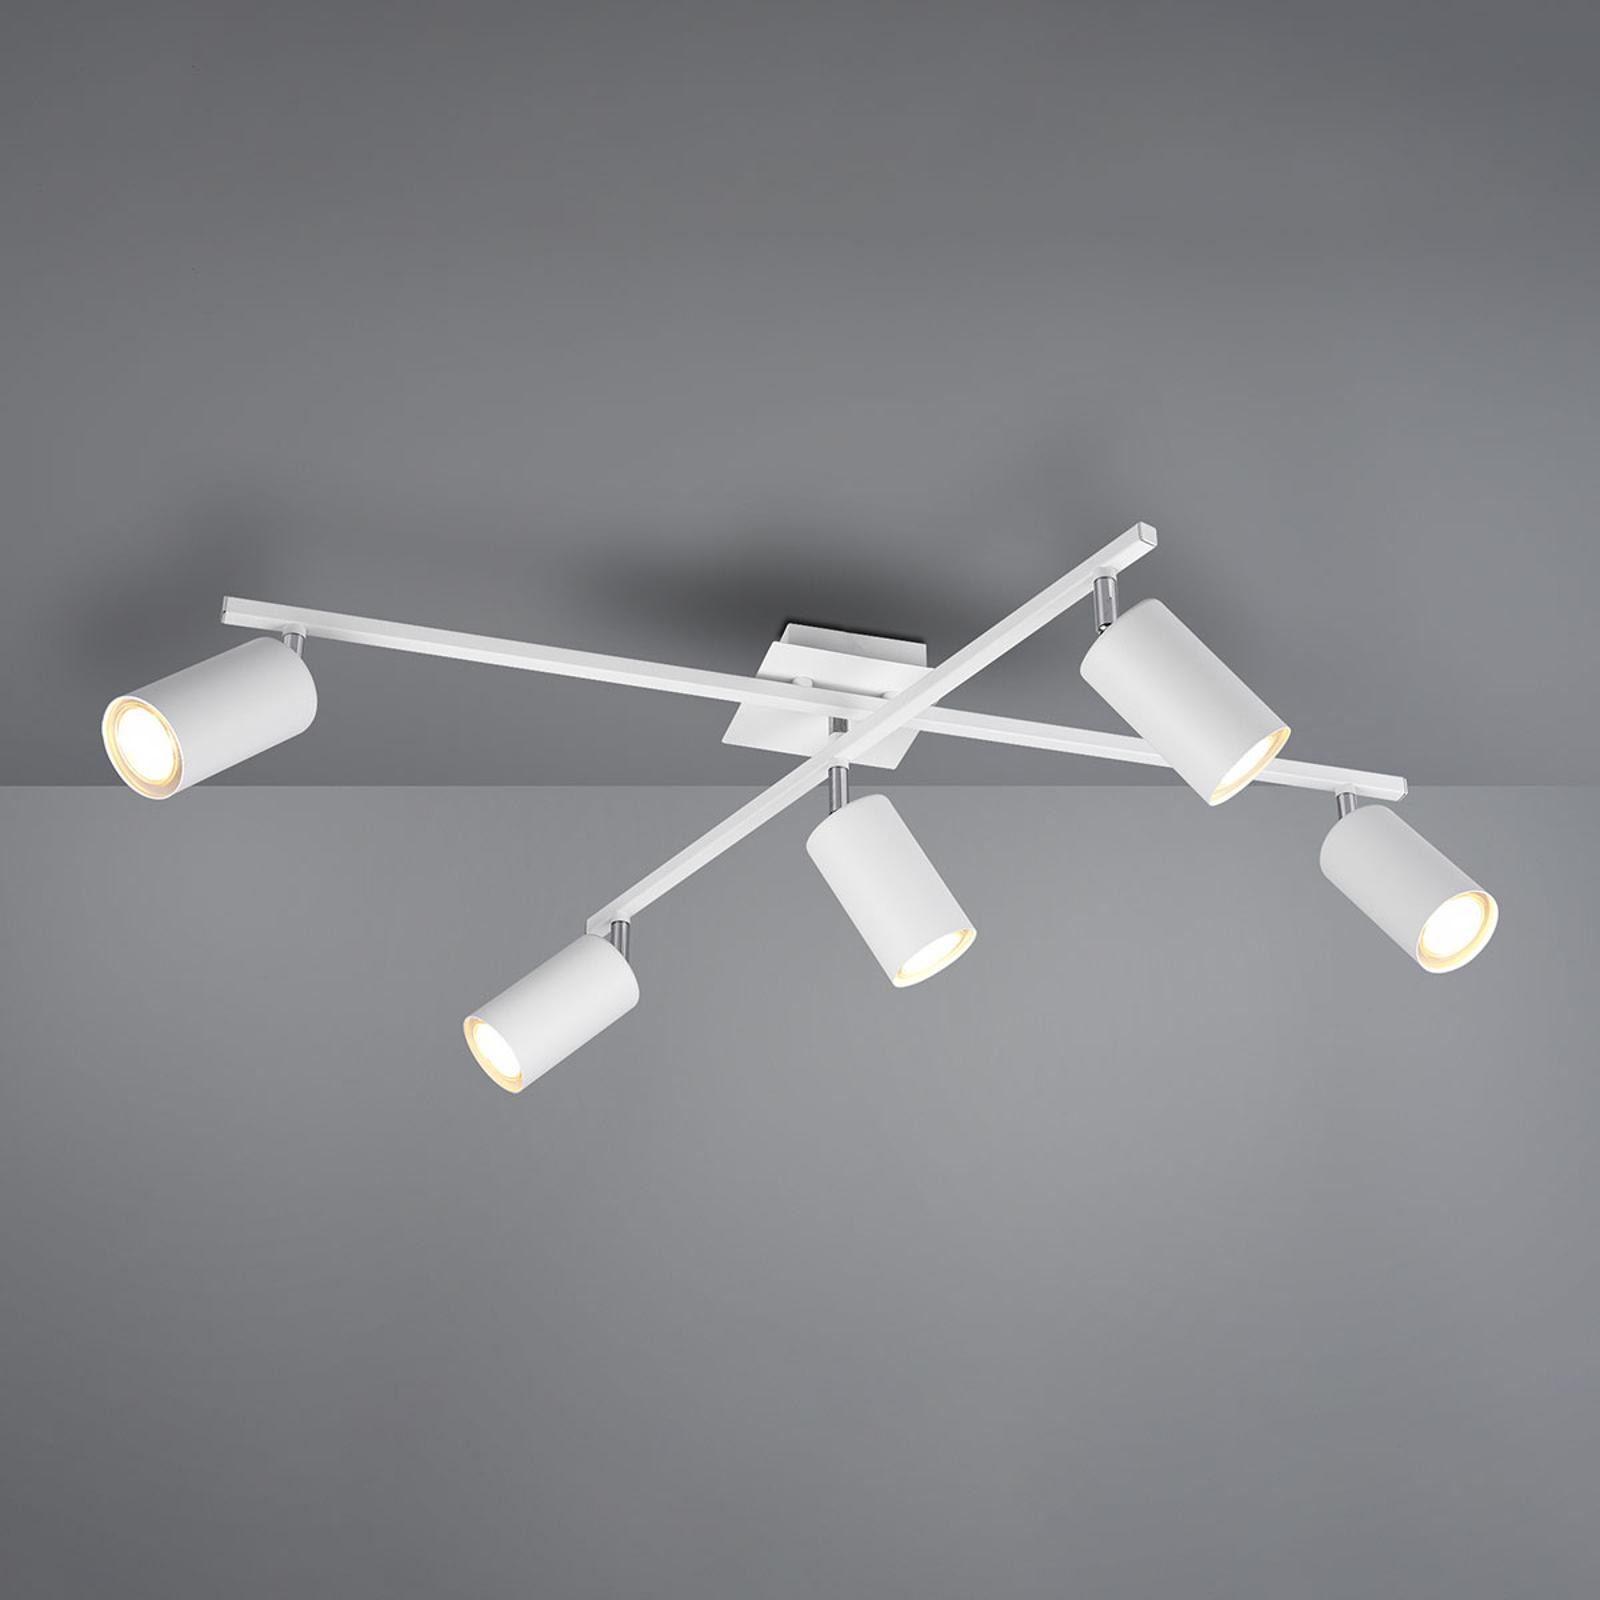 Kattokohdevalo Marley matta valkoinen 5-lamppuinen